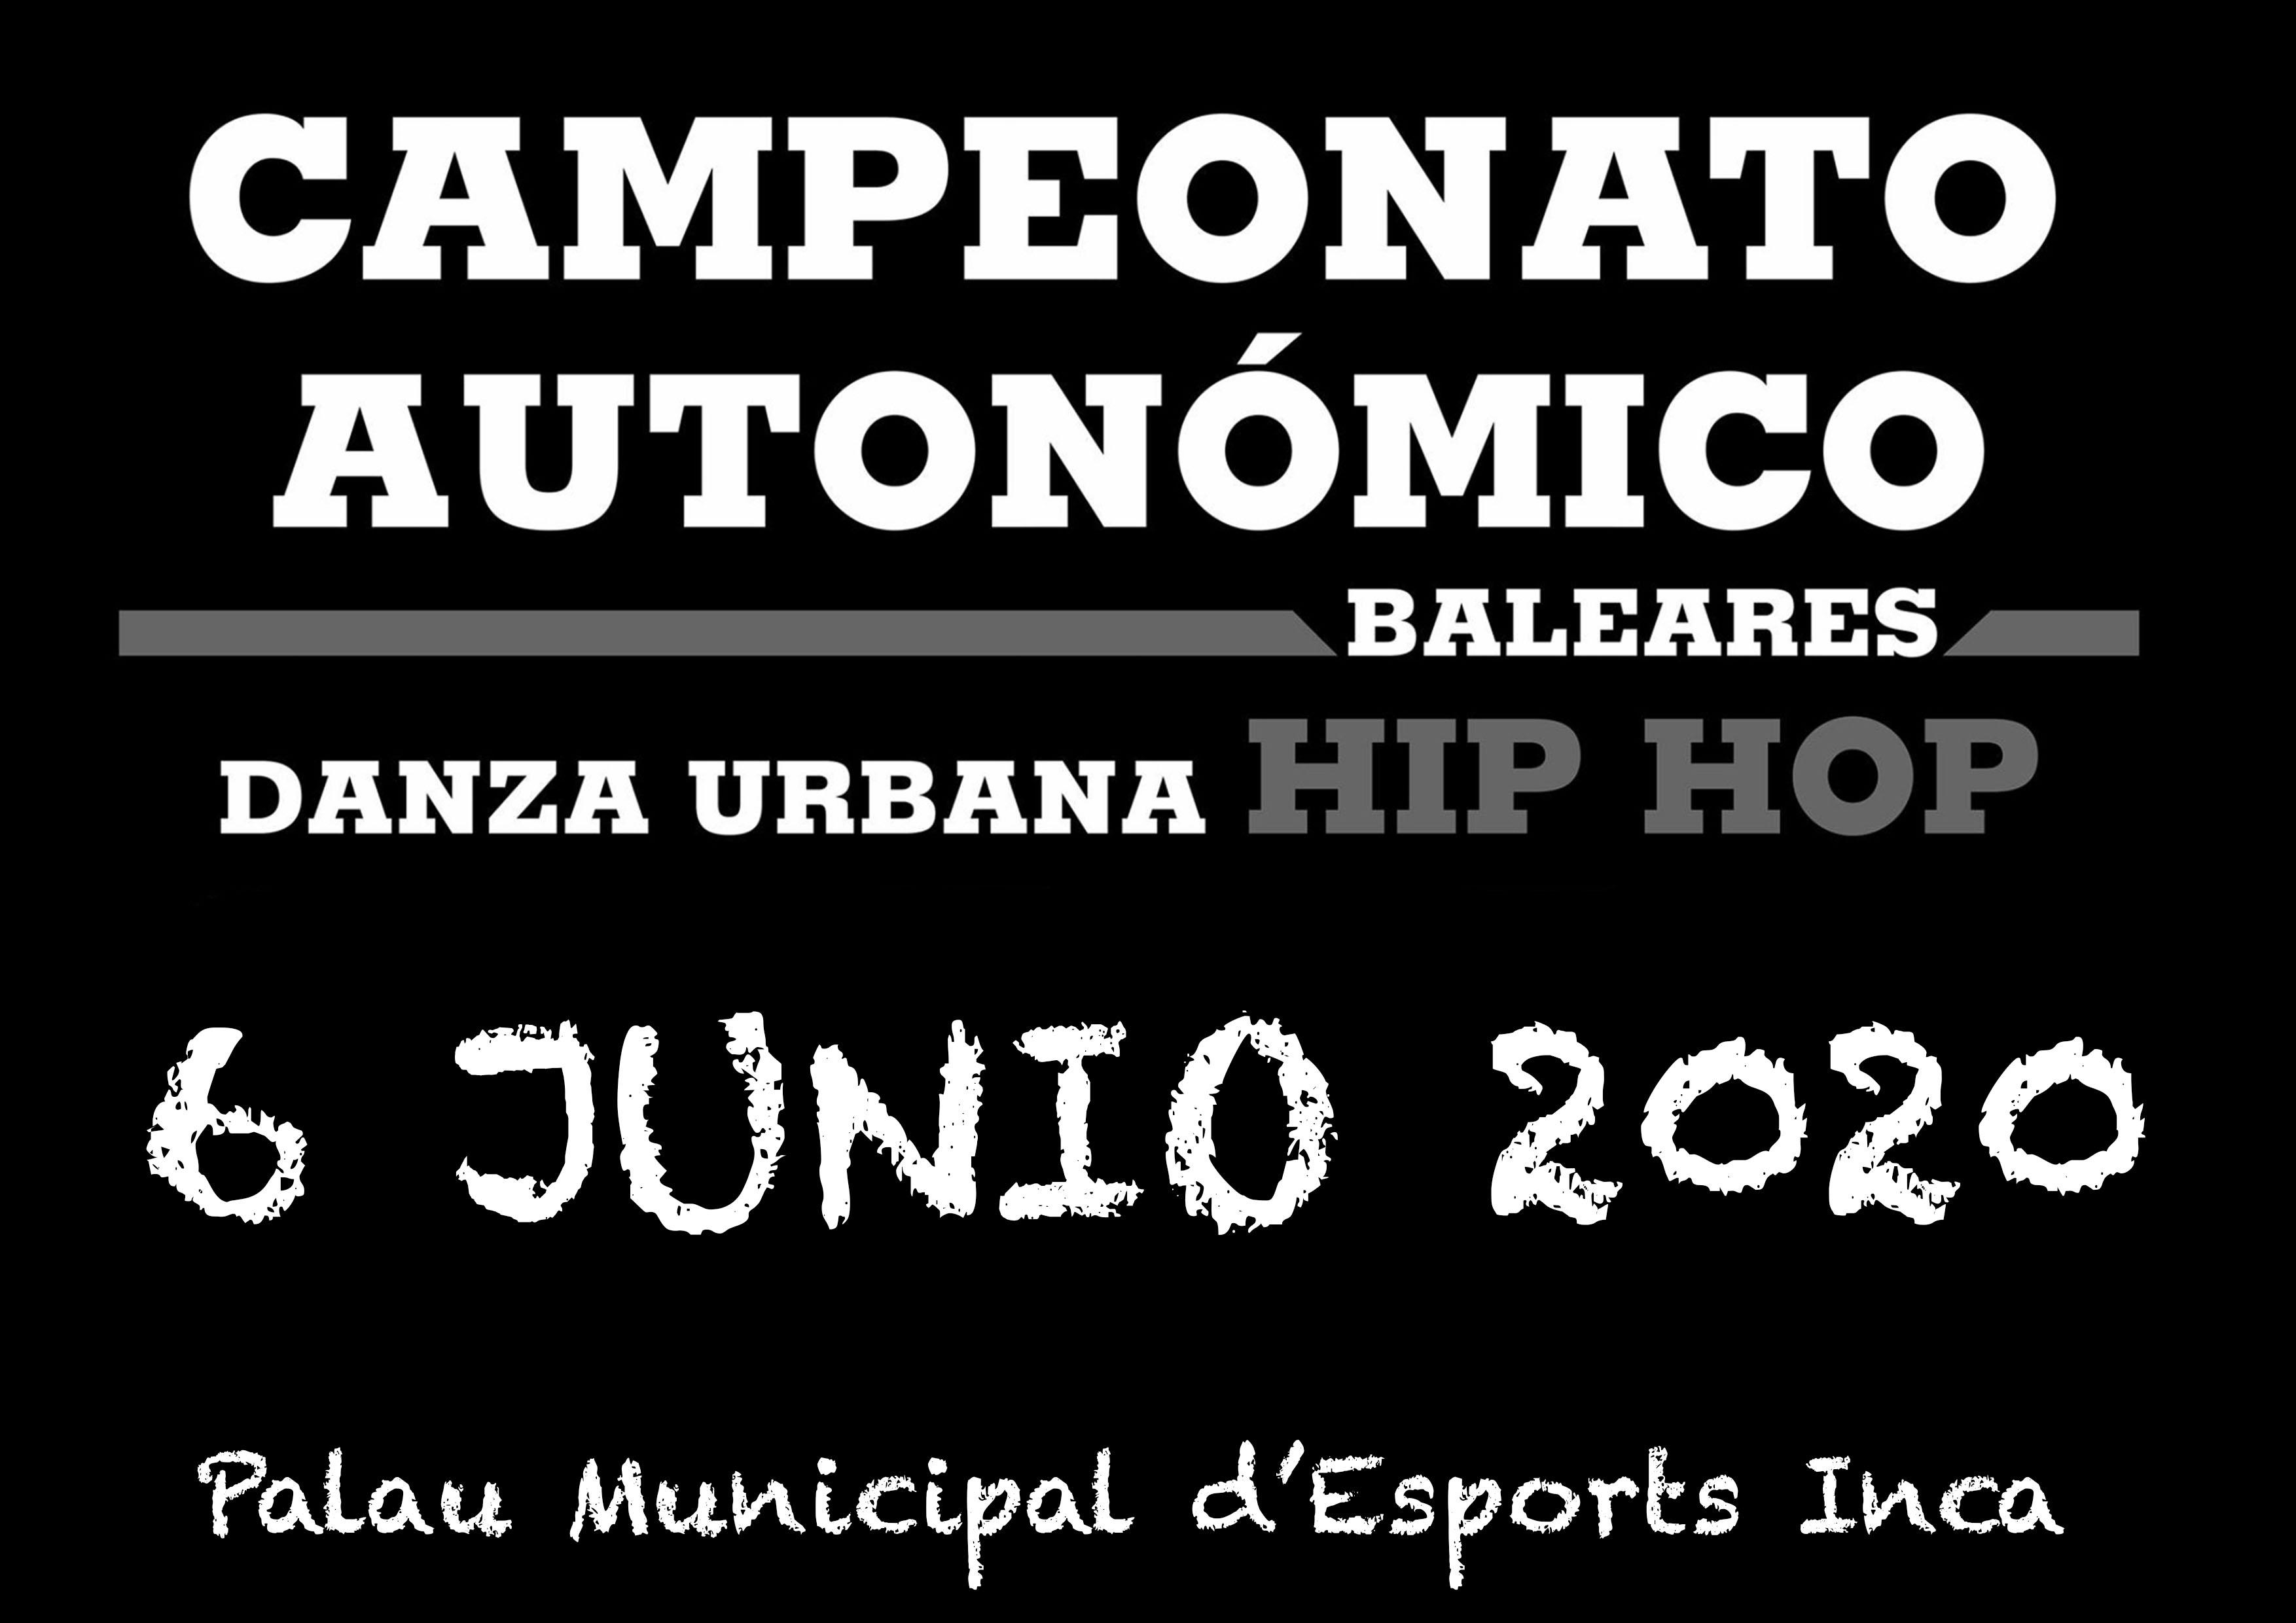 Campeonato Autonómico Danza Urbana Hip Hop Mallorca 2020